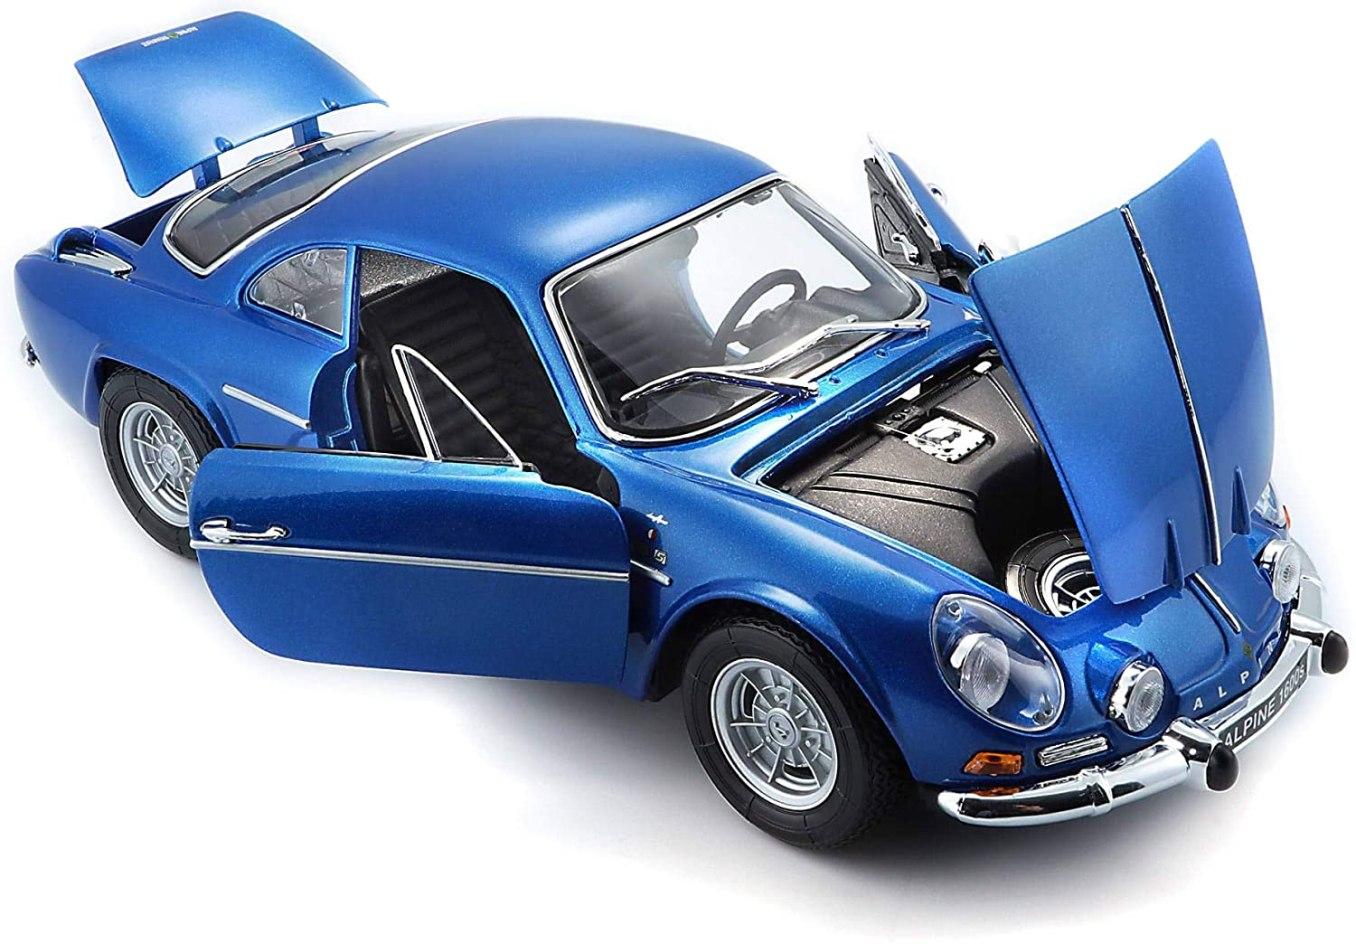 Bburago Maisto France Voiture Miniature Alpine Renault 1600 S Stradale 1971 1   30 idées de cadeaux de Noël pour les passionnés d'Alpine